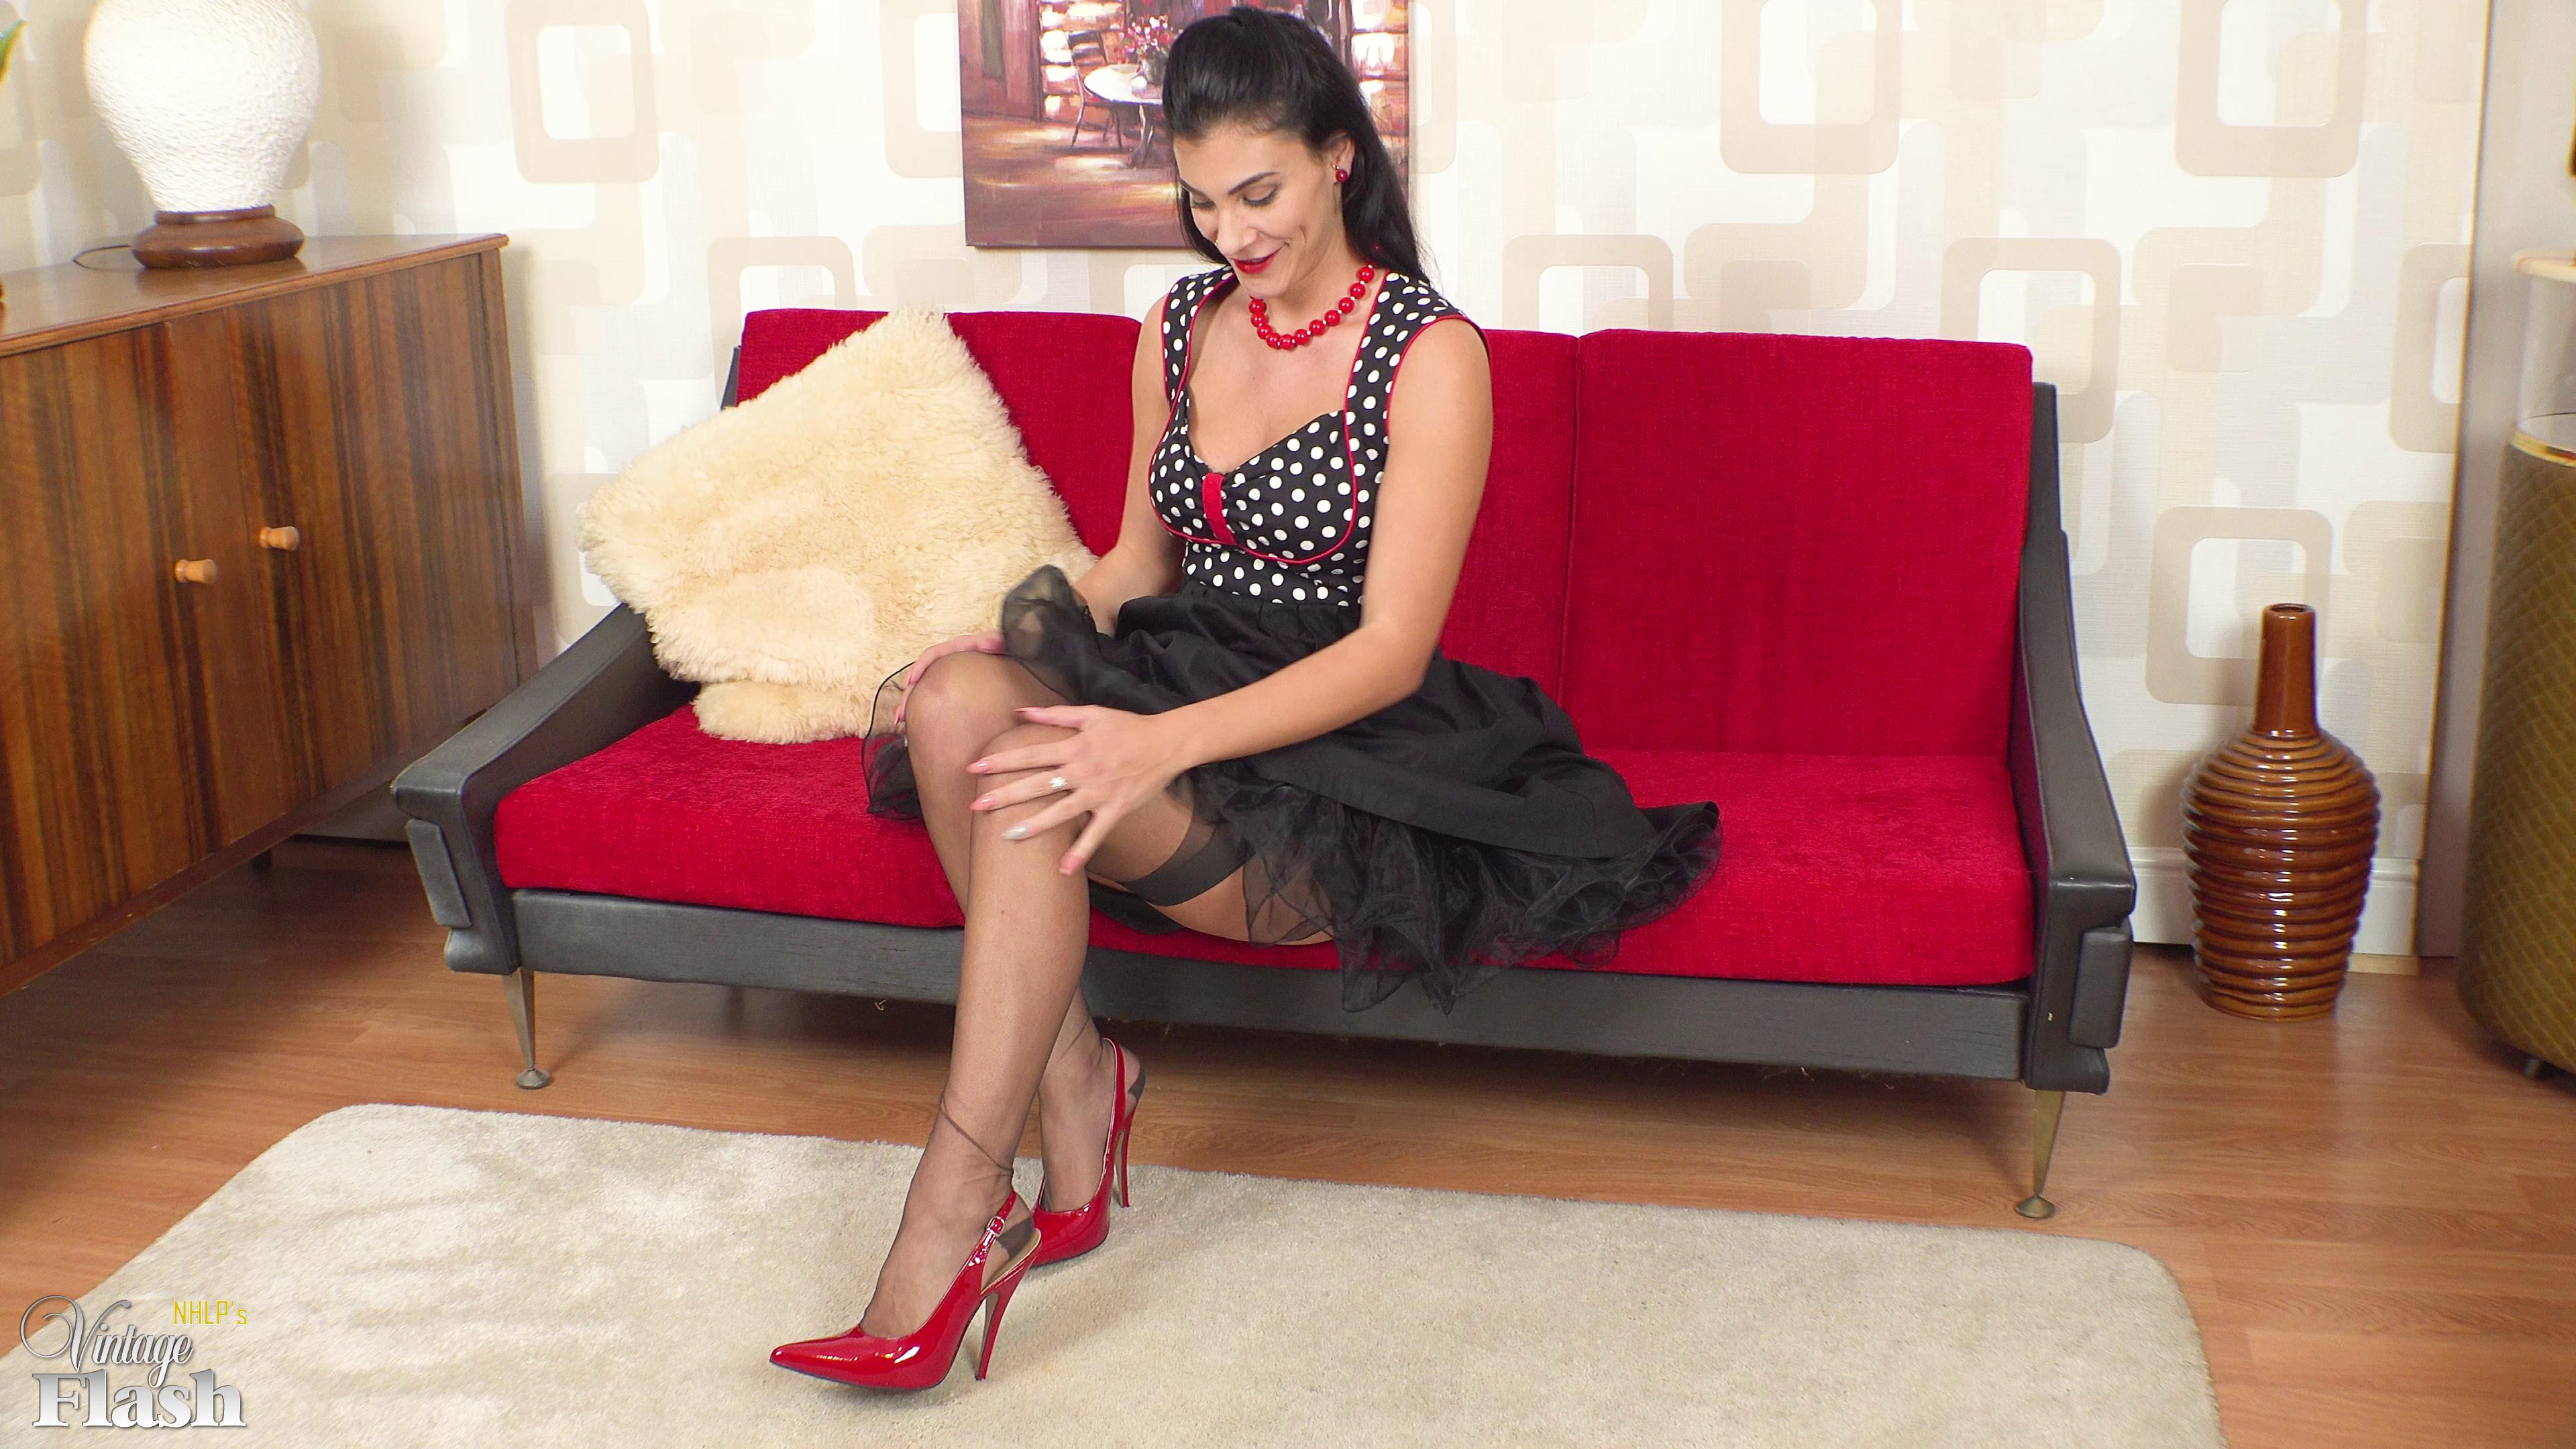 Roxy Mendez Scarlet Heels And Panties